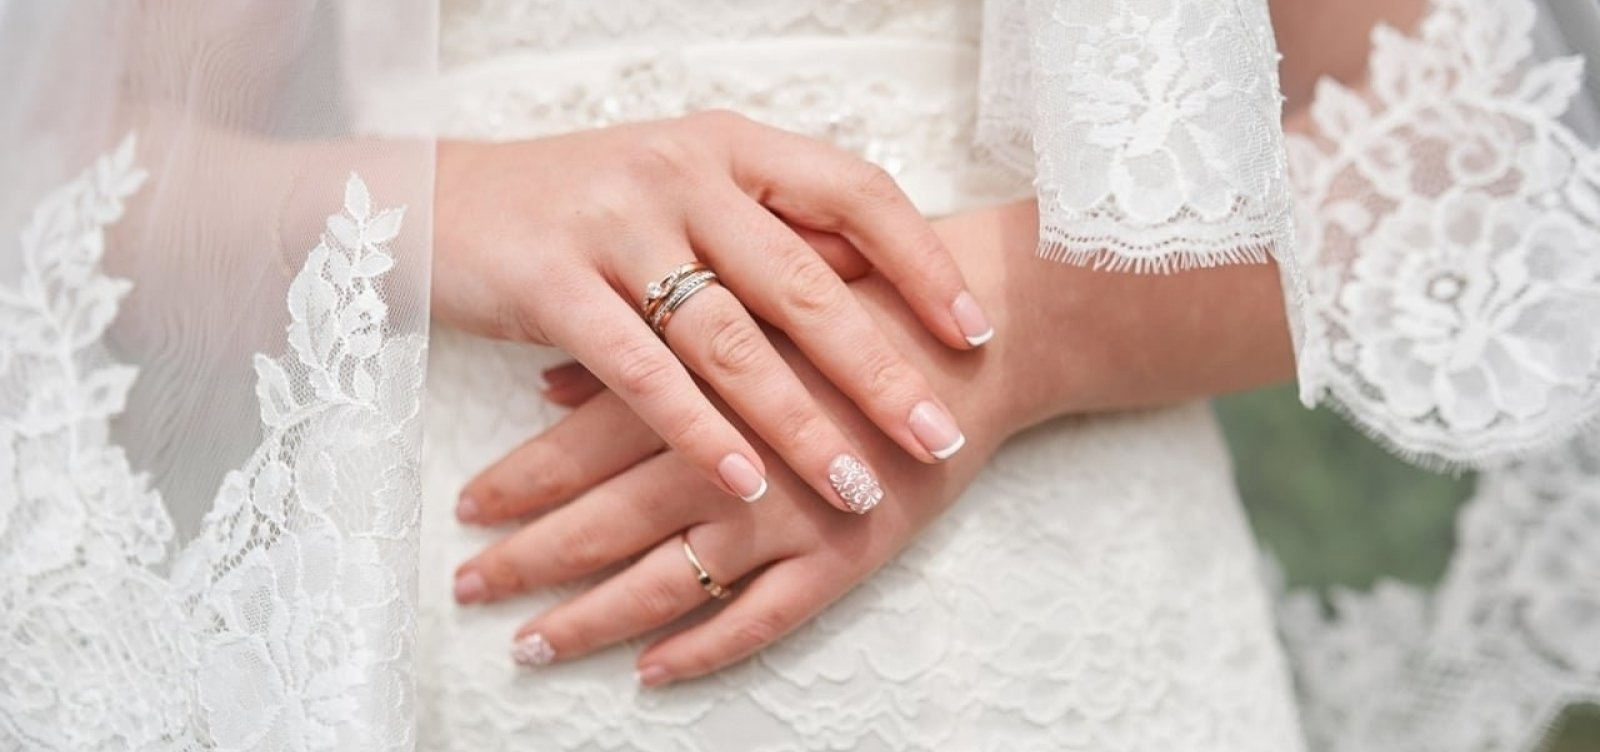 Tempo médio de casamentos na Bahia cai para 15 anos